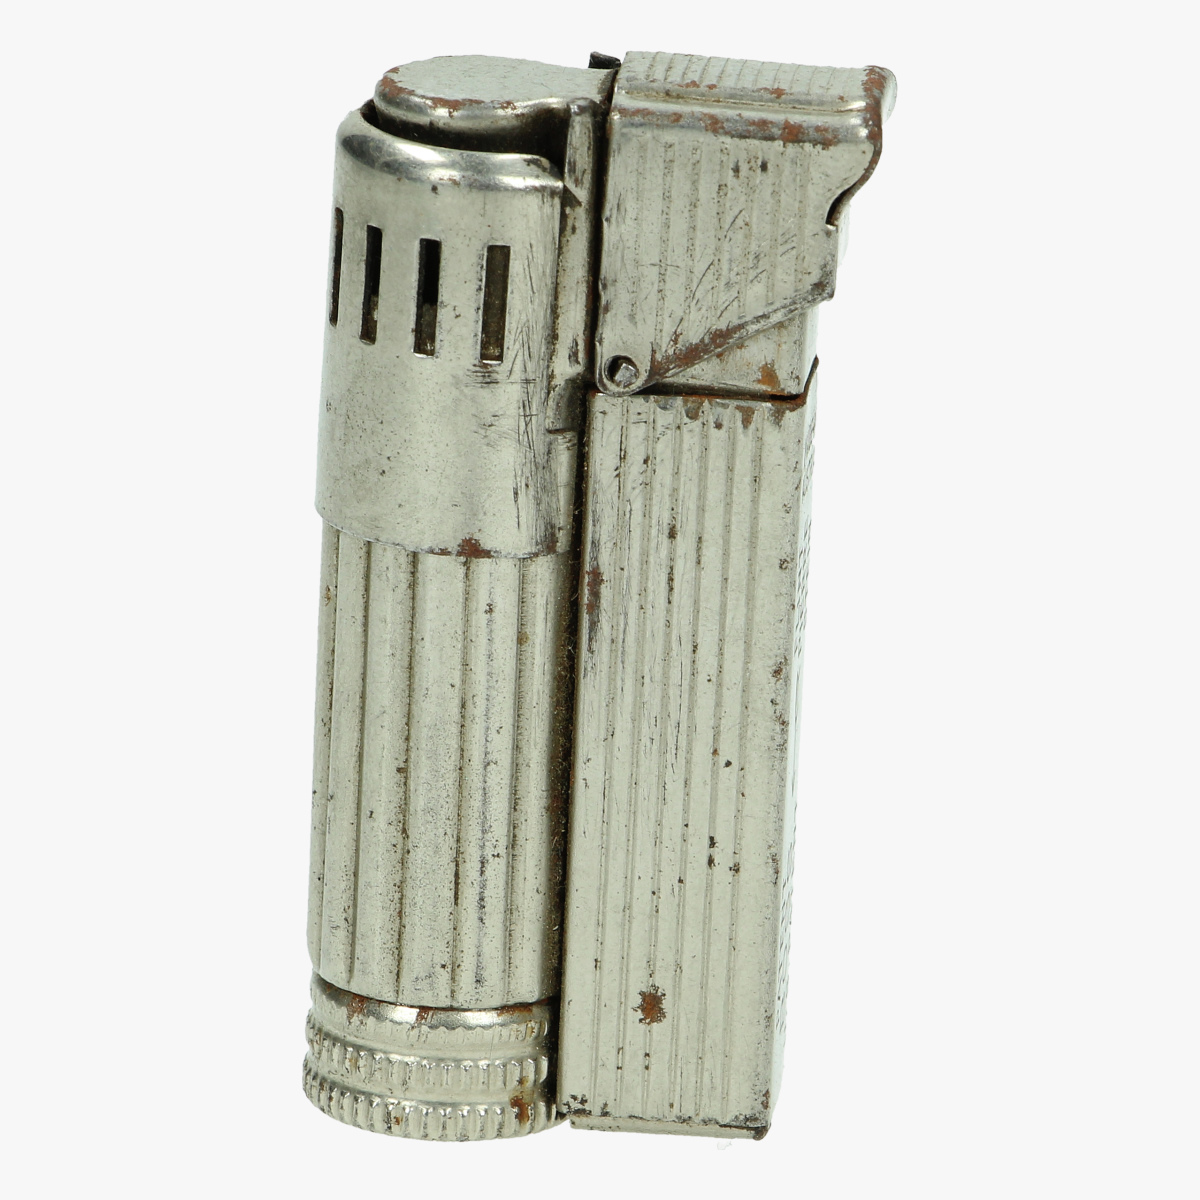 Afbeeldingen van oude aansteker made in austria boss flint pierre stein